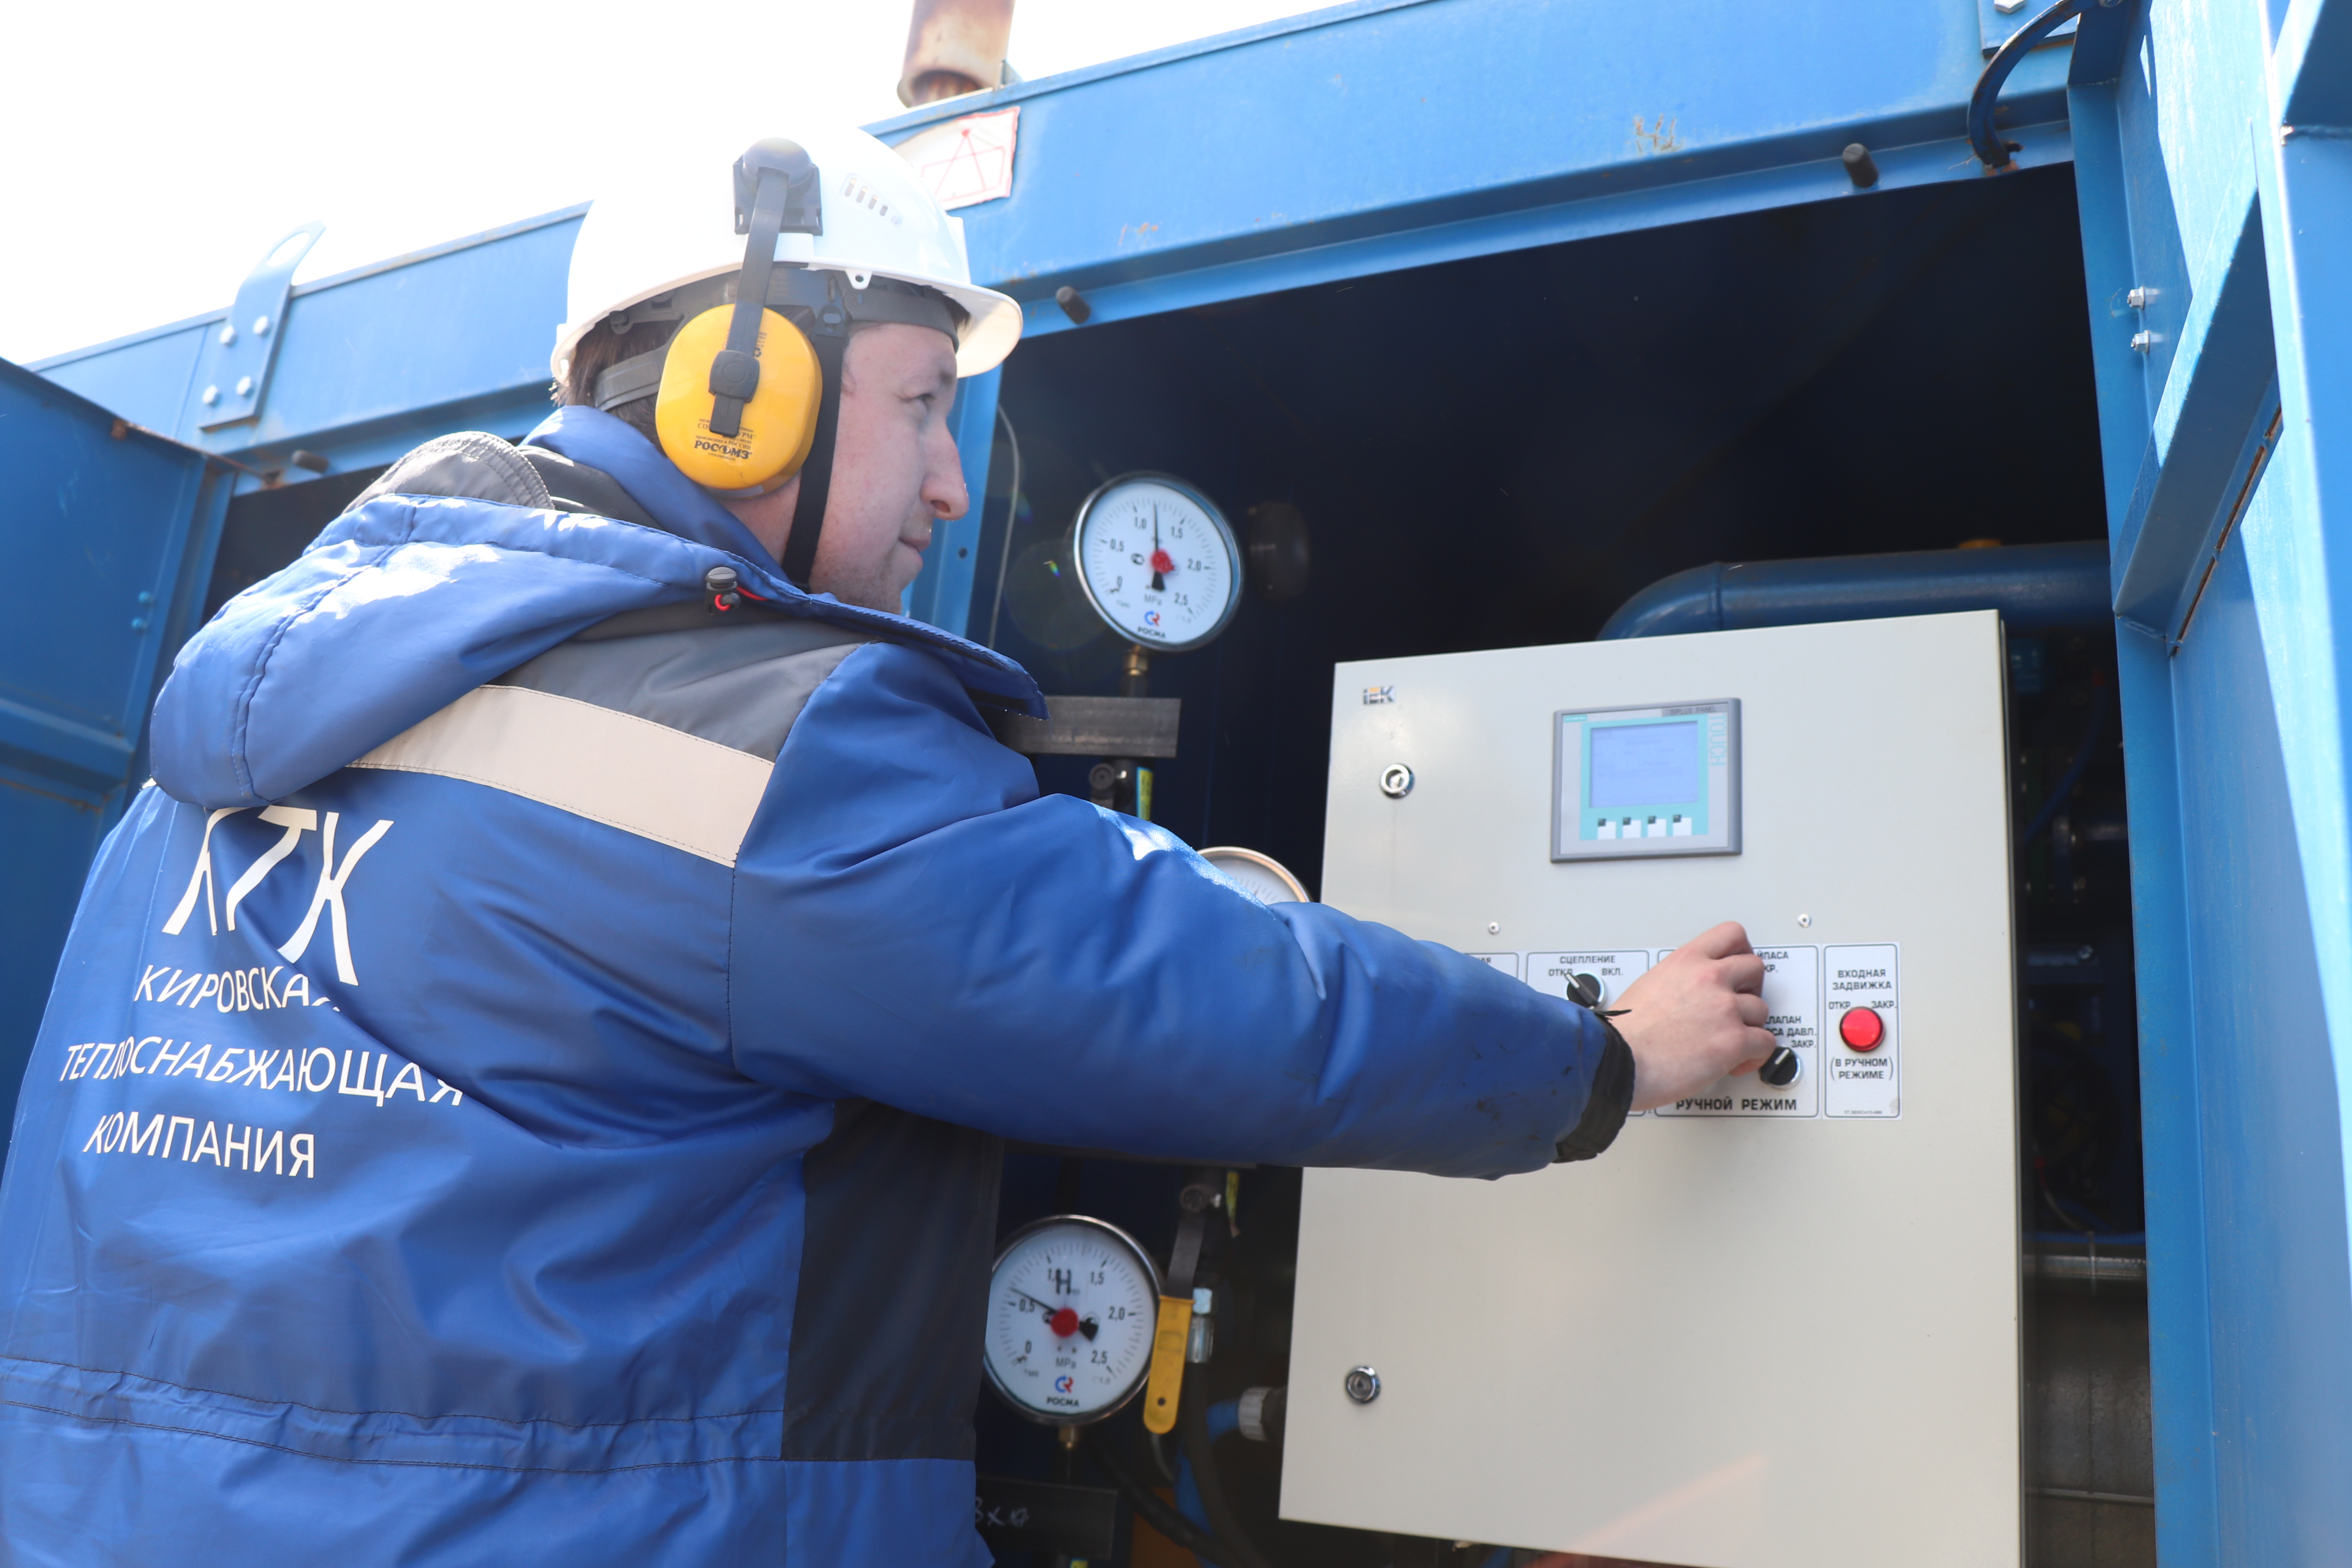 Половина участков теплосетей в Кирове испытана повышенным давлением